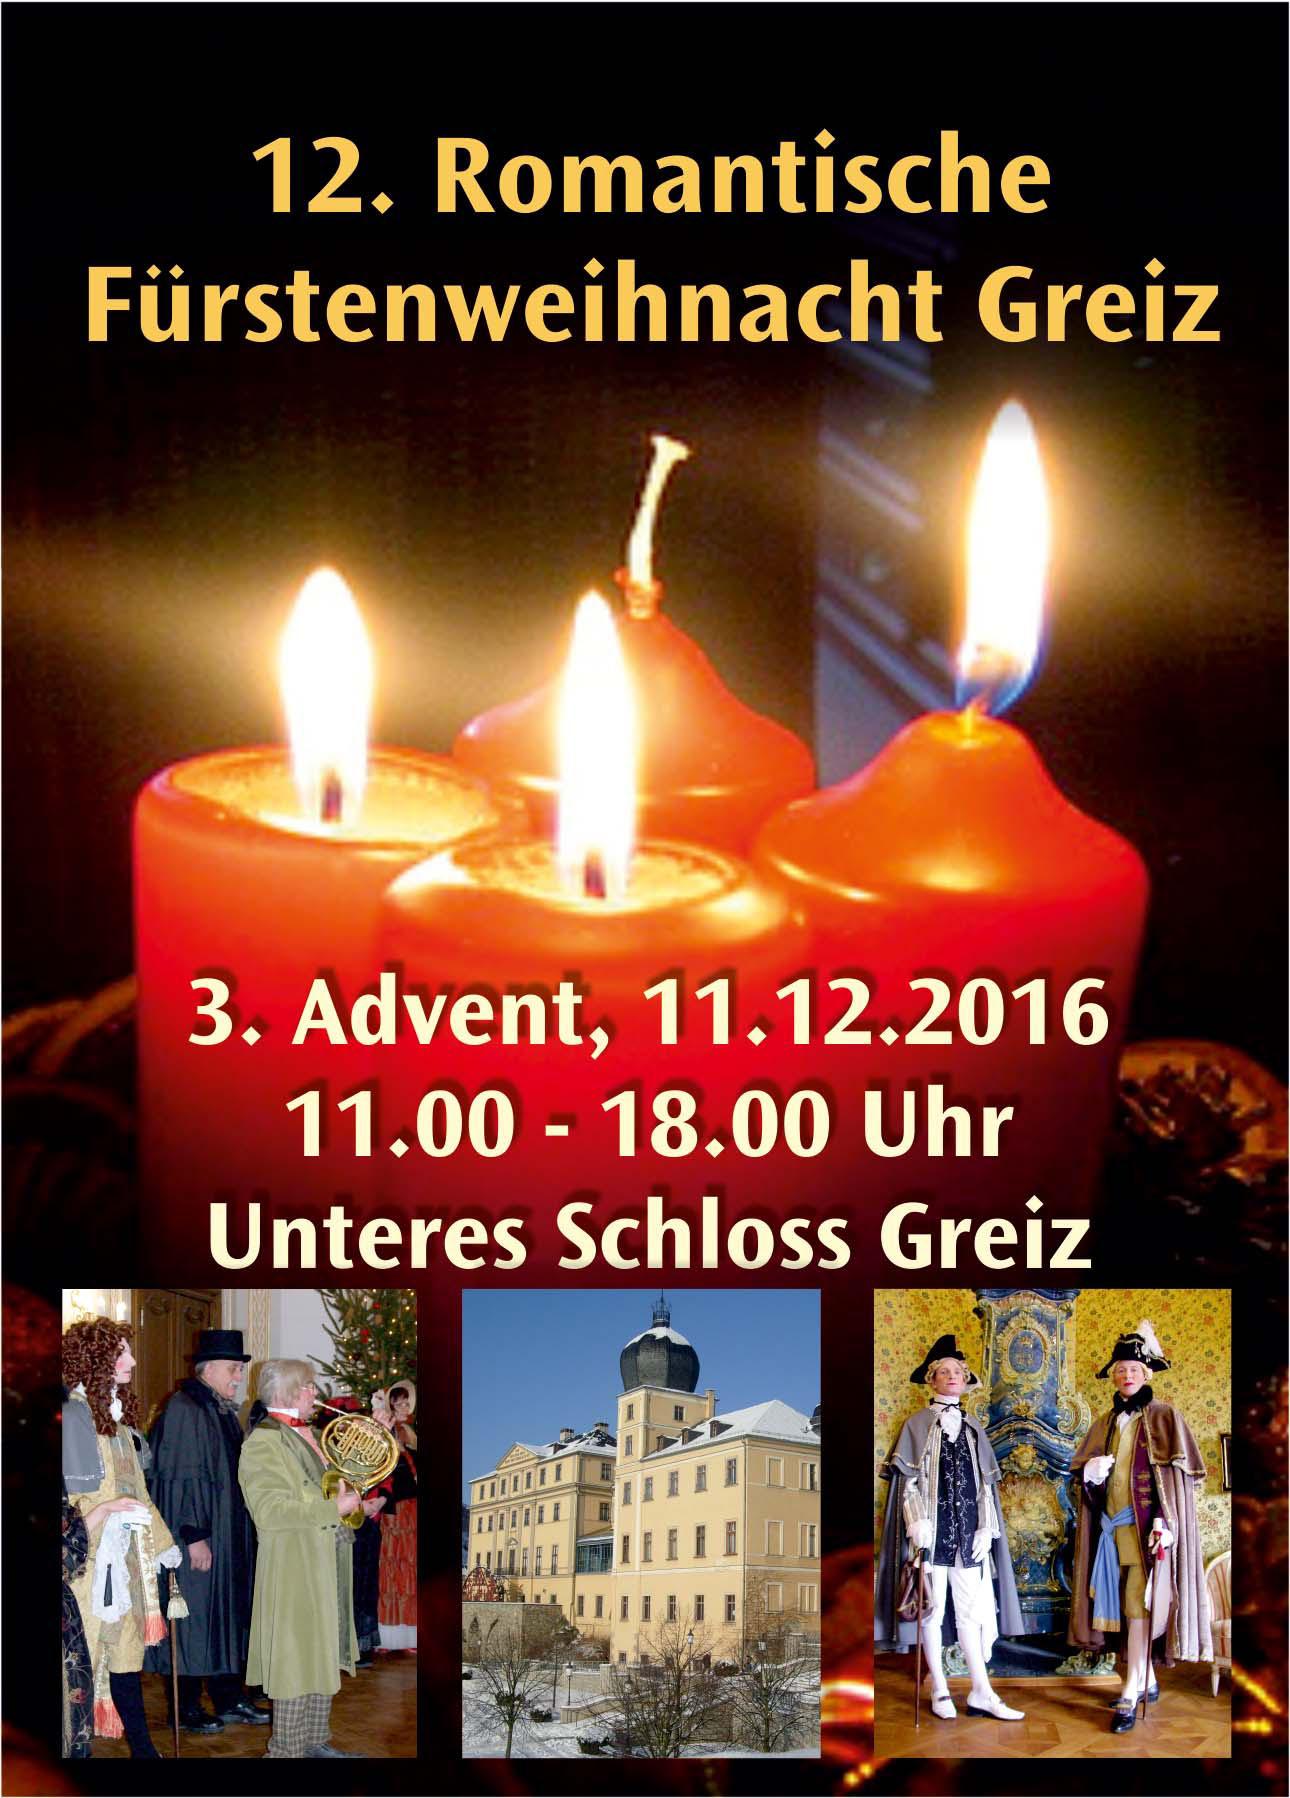 12. Romantische Fürstenweihnacht im Unteren Schloss